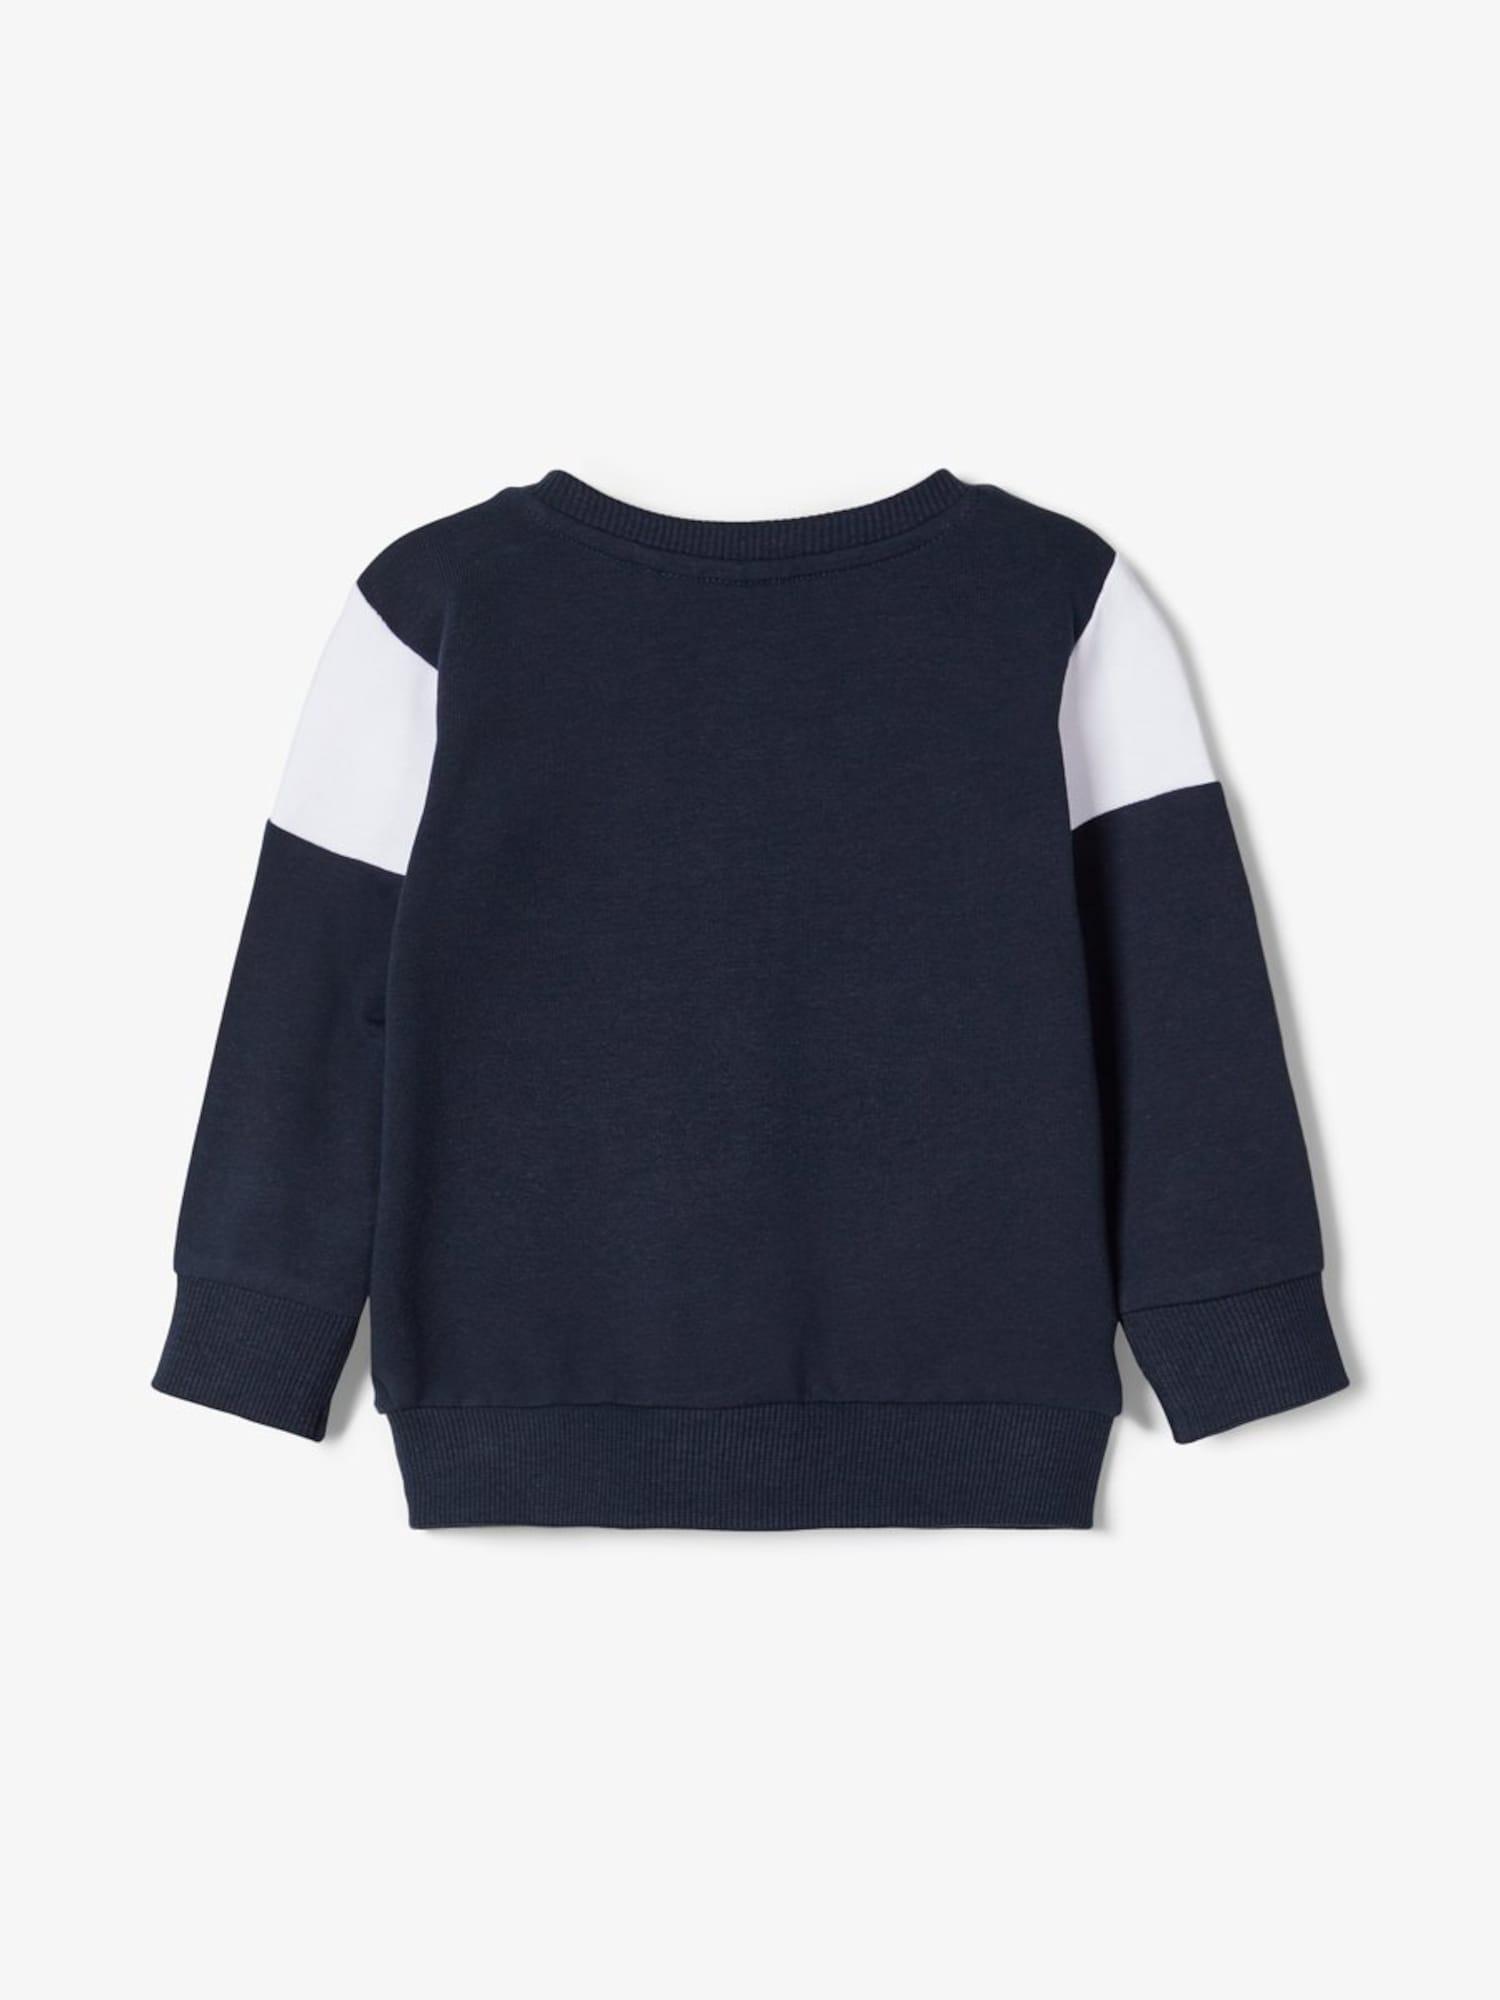 NAME IT Bluza rozpinana  niebieska noc / biały